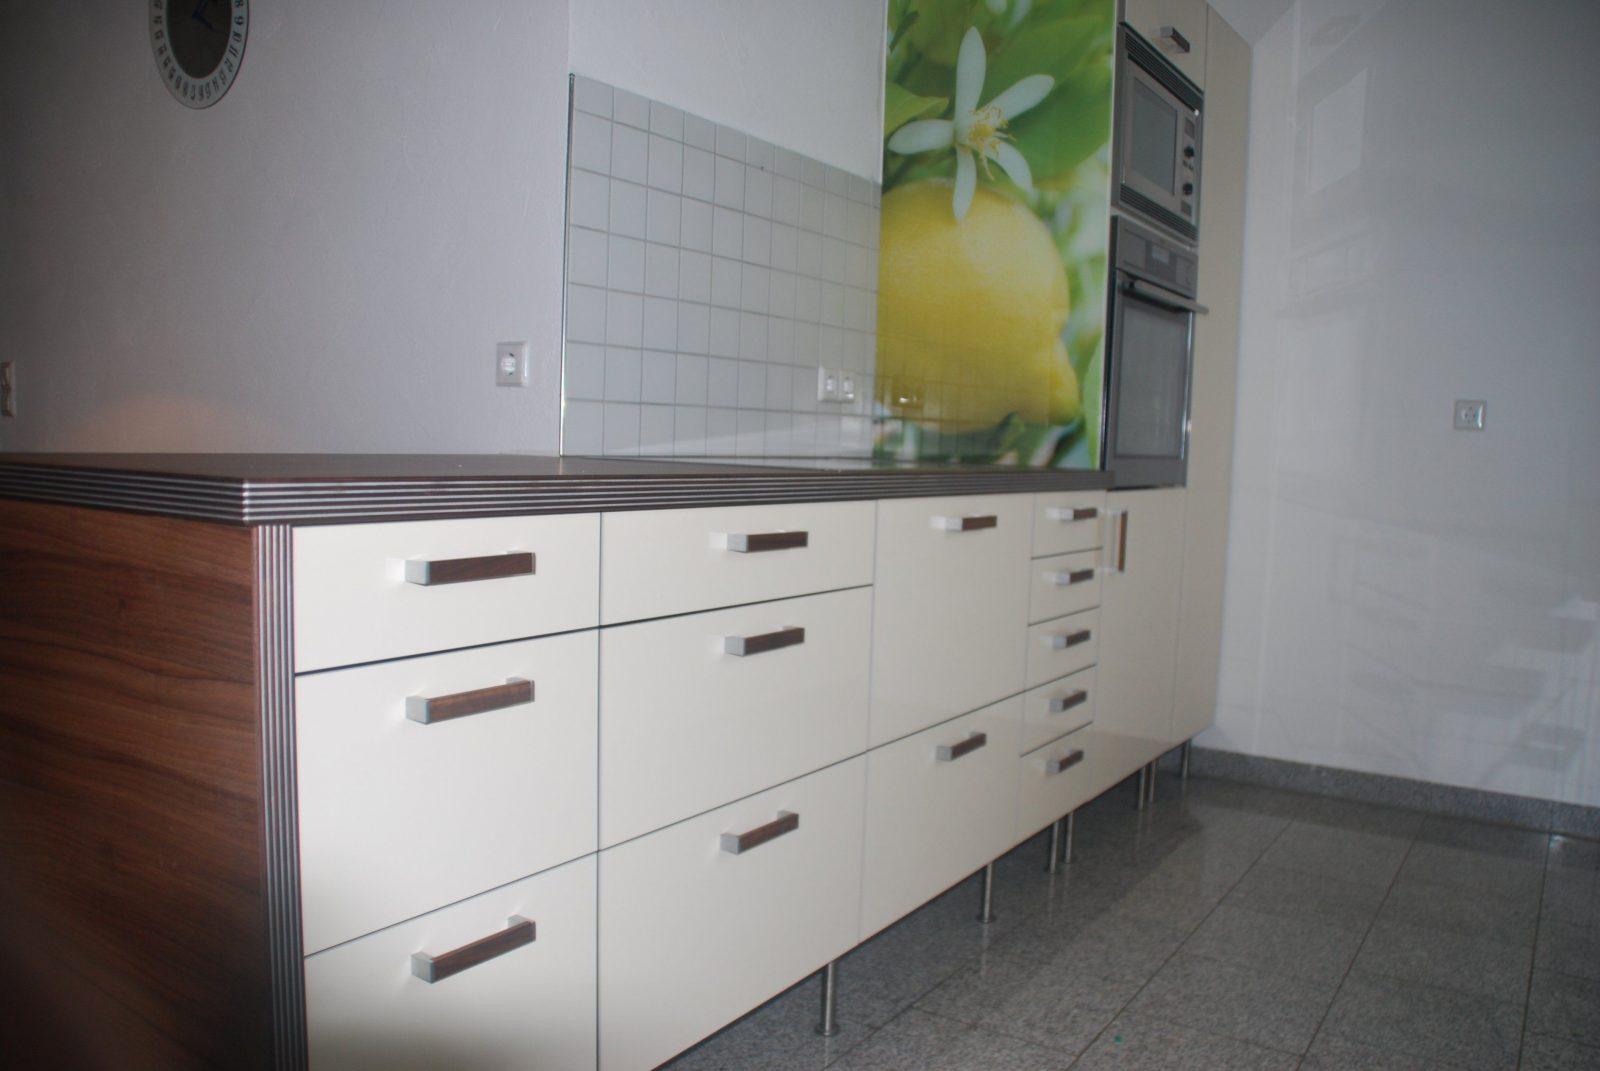 neue k chenfronten in hochglanz auf ikea k che k chenfront 24 von ikea k che ohne griffe photo. Black Bedroom Furniture Sets. Home Design Ideas